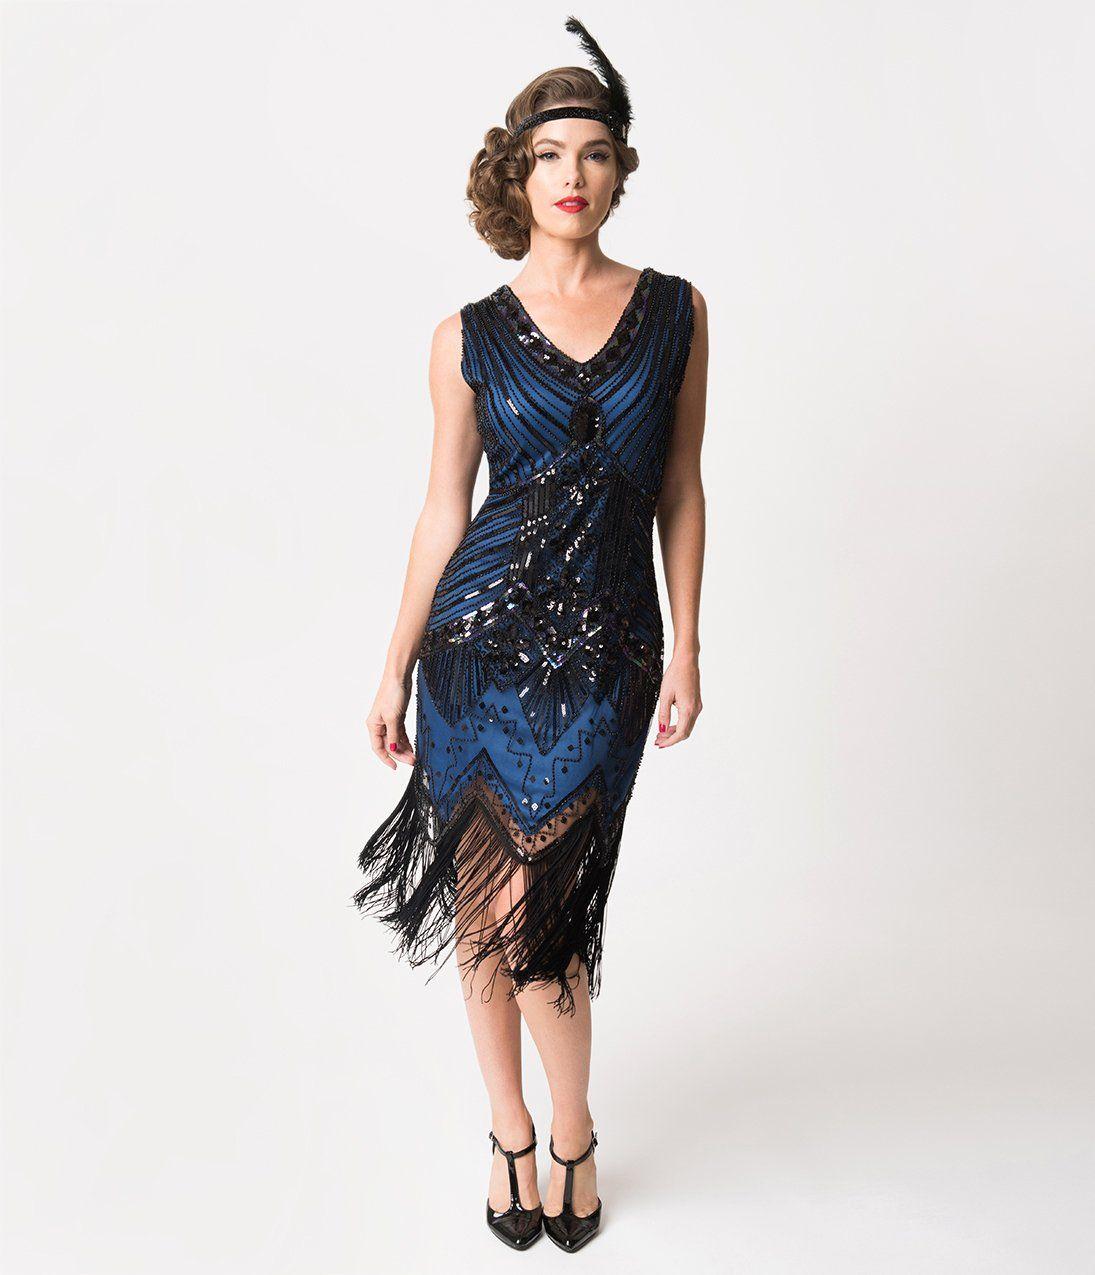 1920s Evening Dresses Formal Gowns Unique Vintage 1920s Deco Navy Blue Black Sequin Veronique Fring 1920s Fashion Dresses 1920s Outfits Purple Flapper Dress [ 1275 x 1095 Pixel ]